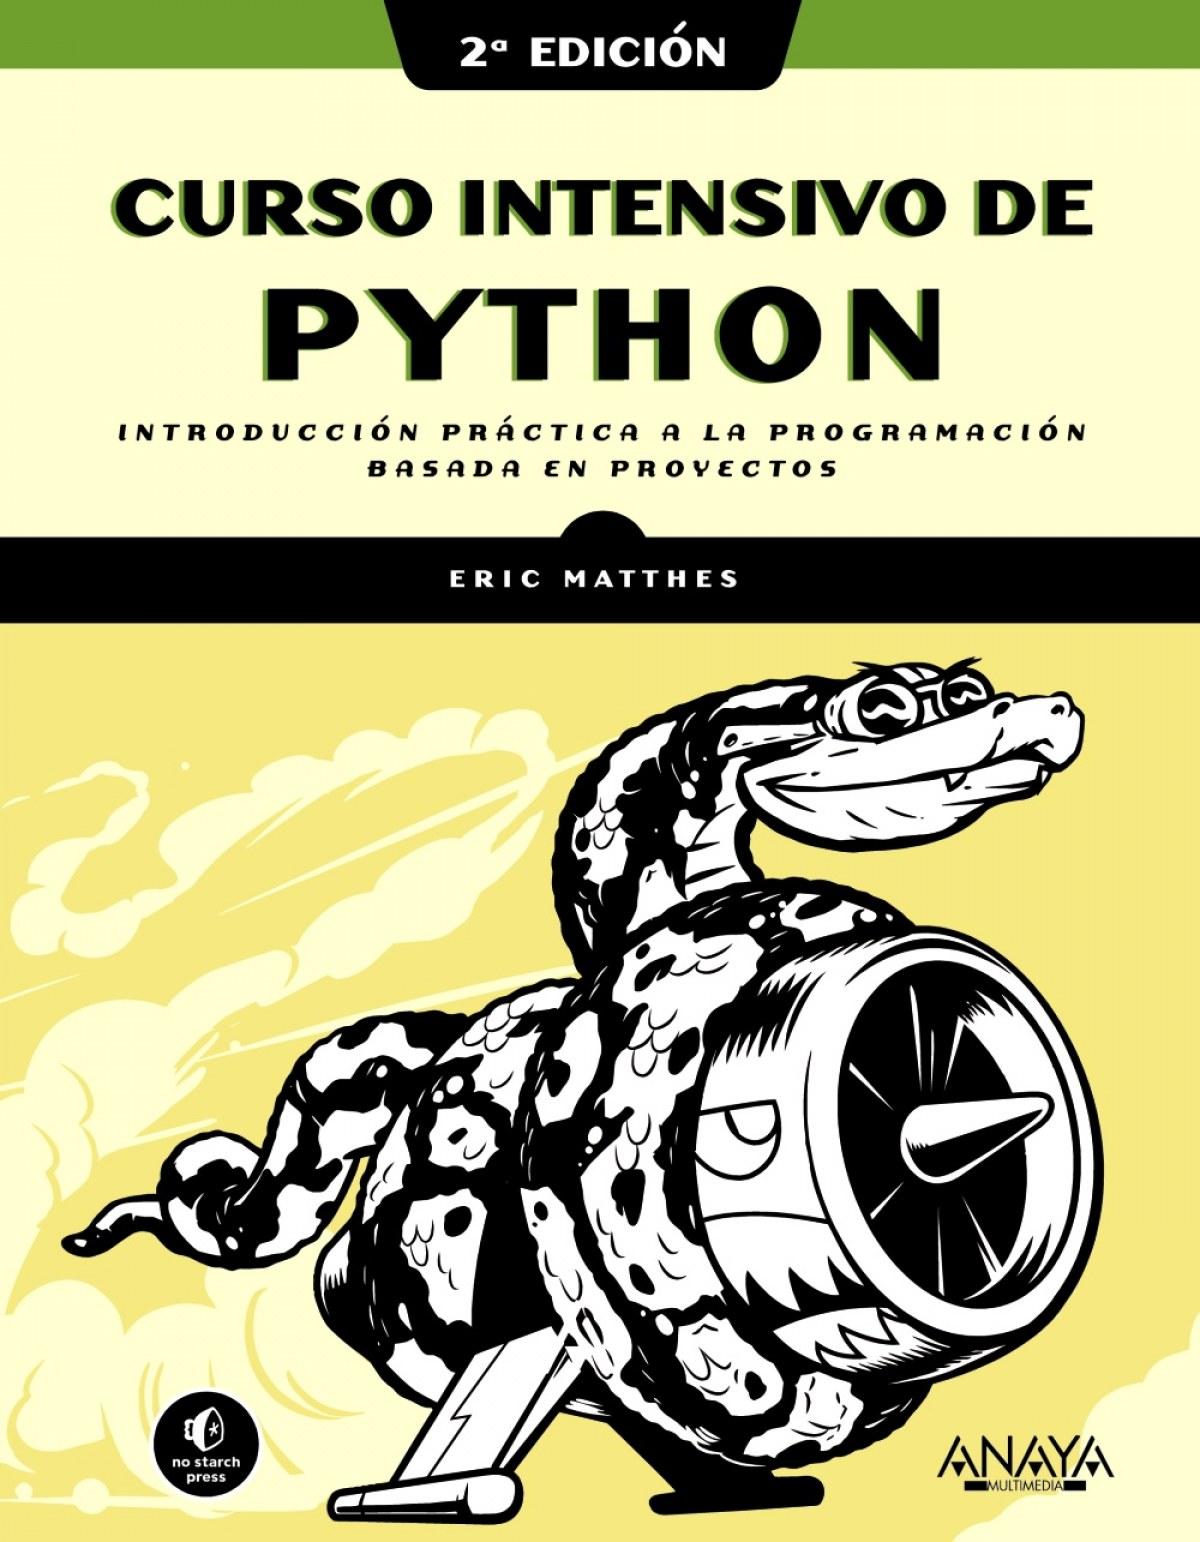 Curso intensivo de Python, 2a. edición 9788441543348